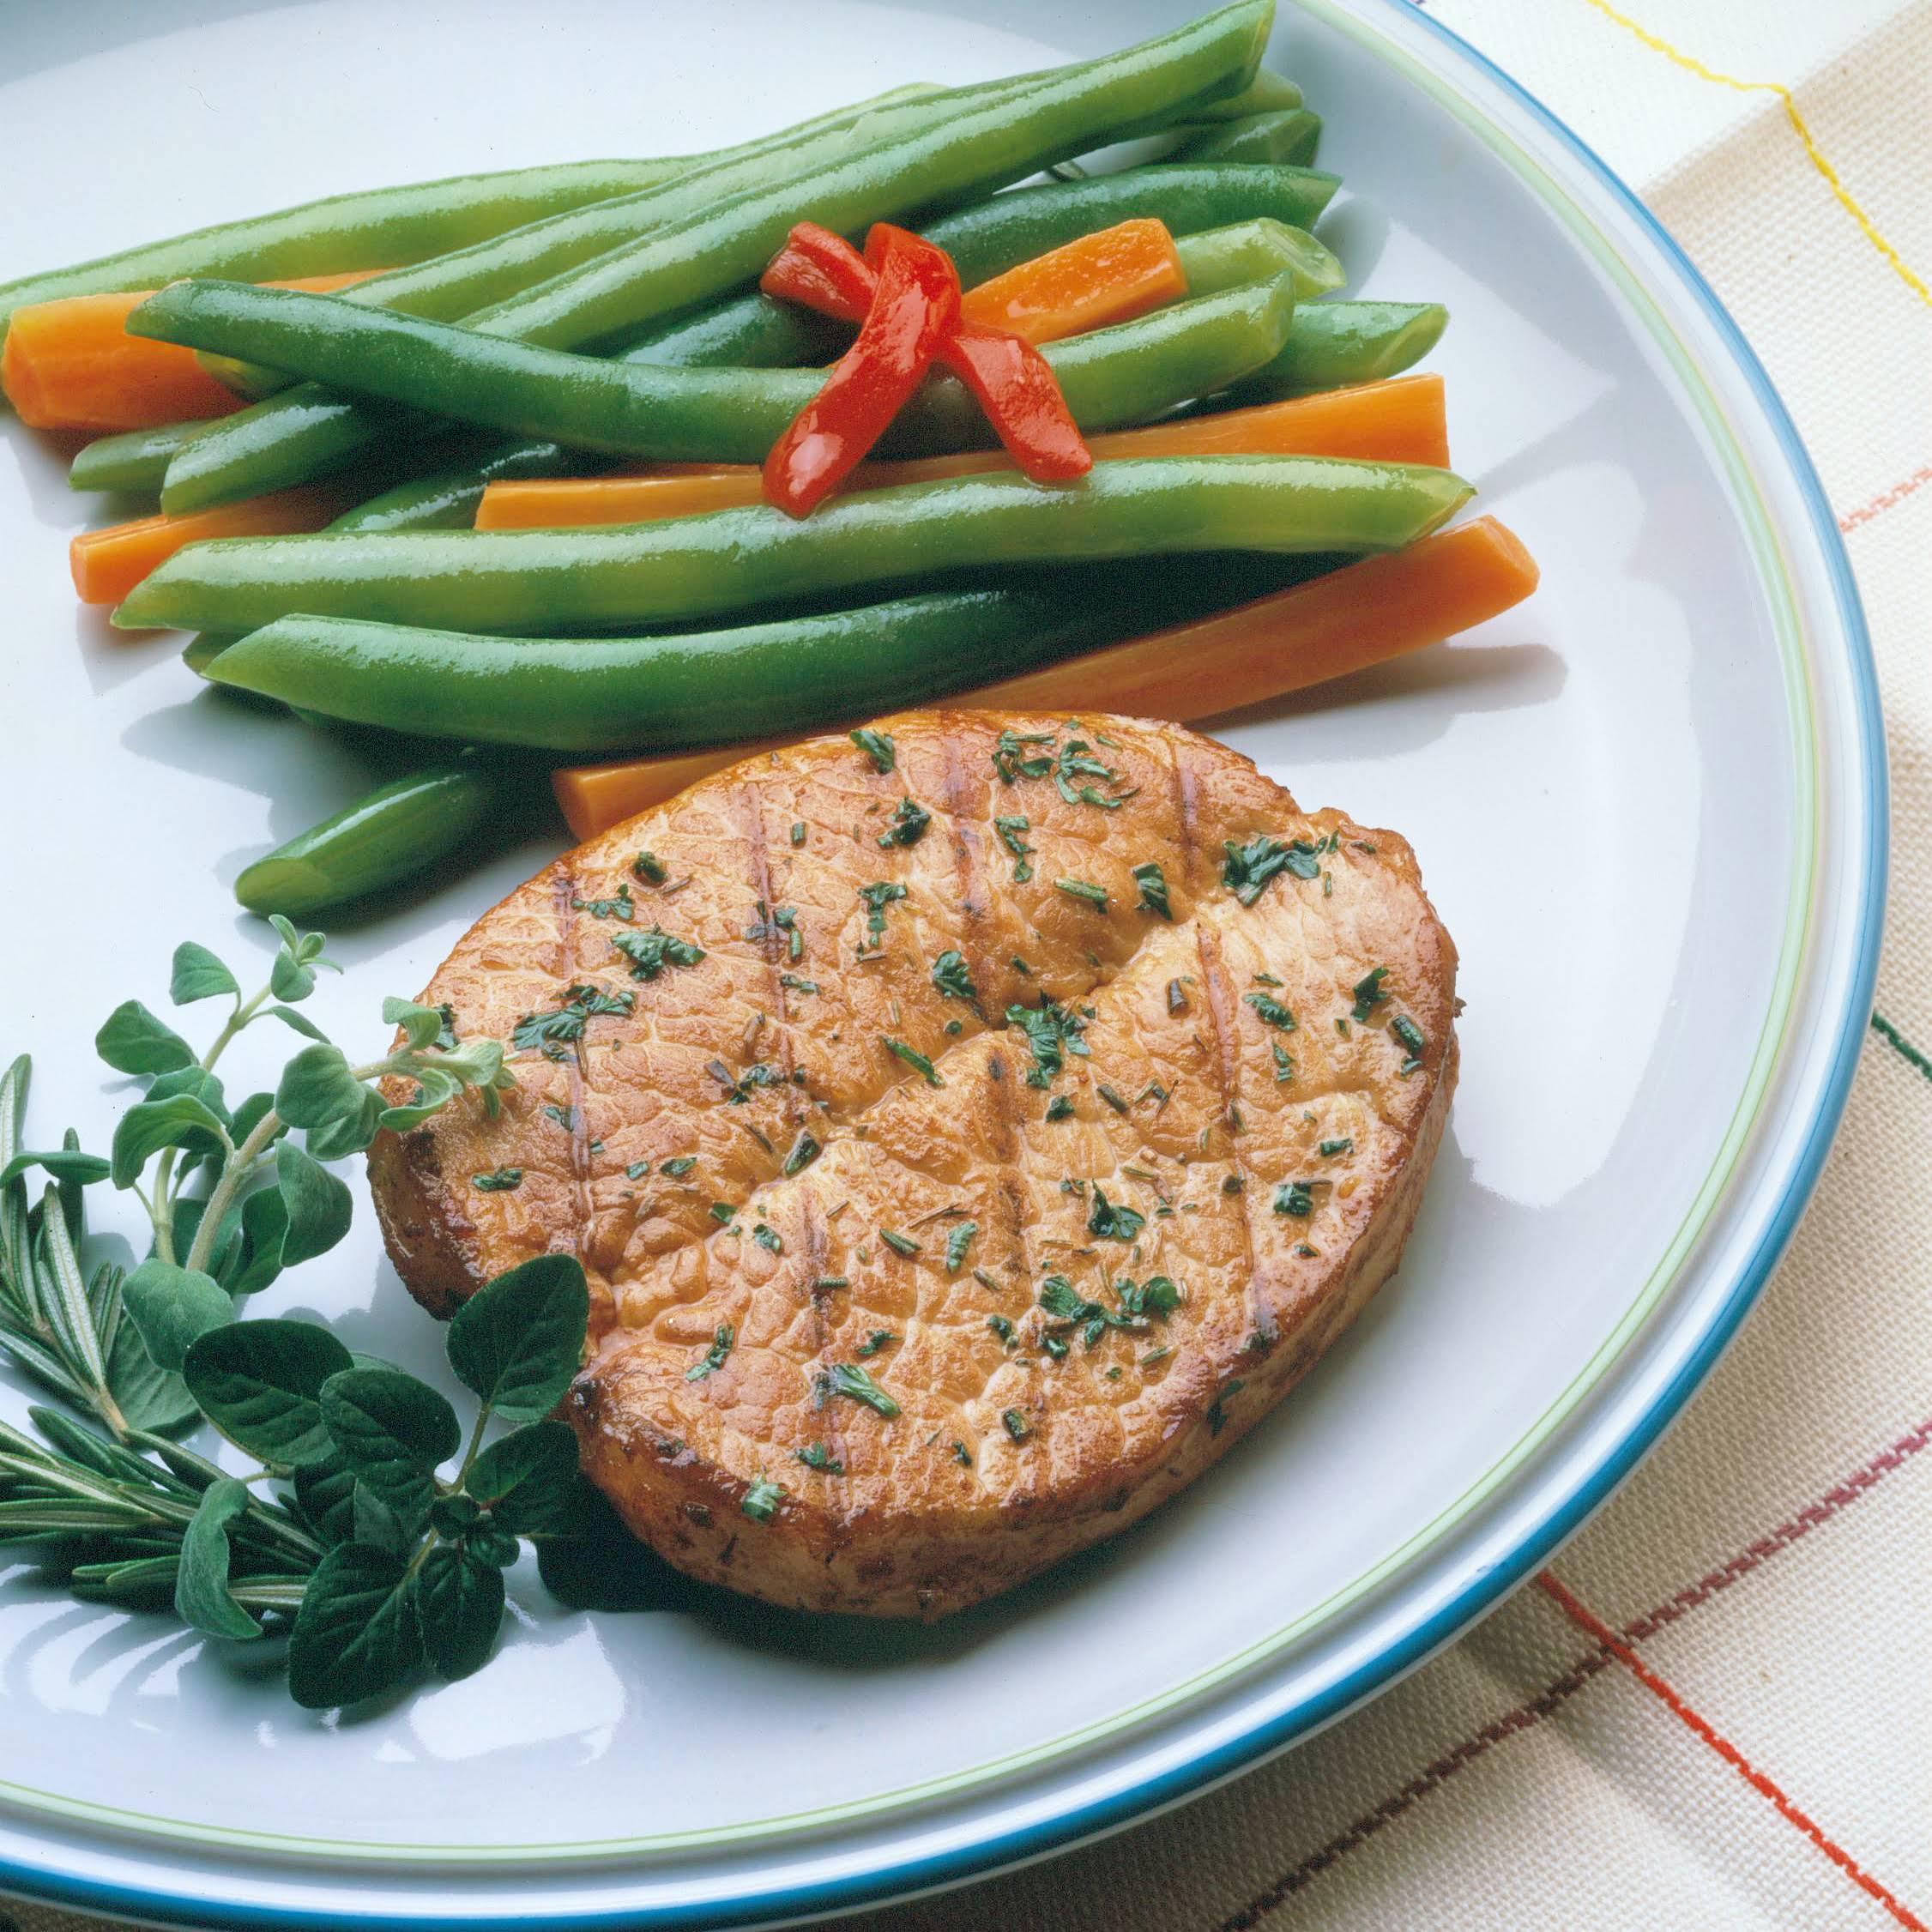 quick butterfly pork chop recipe lh2.googleusercontent.com/zXRLUw-cI2gJNKRbbK2AW2D2